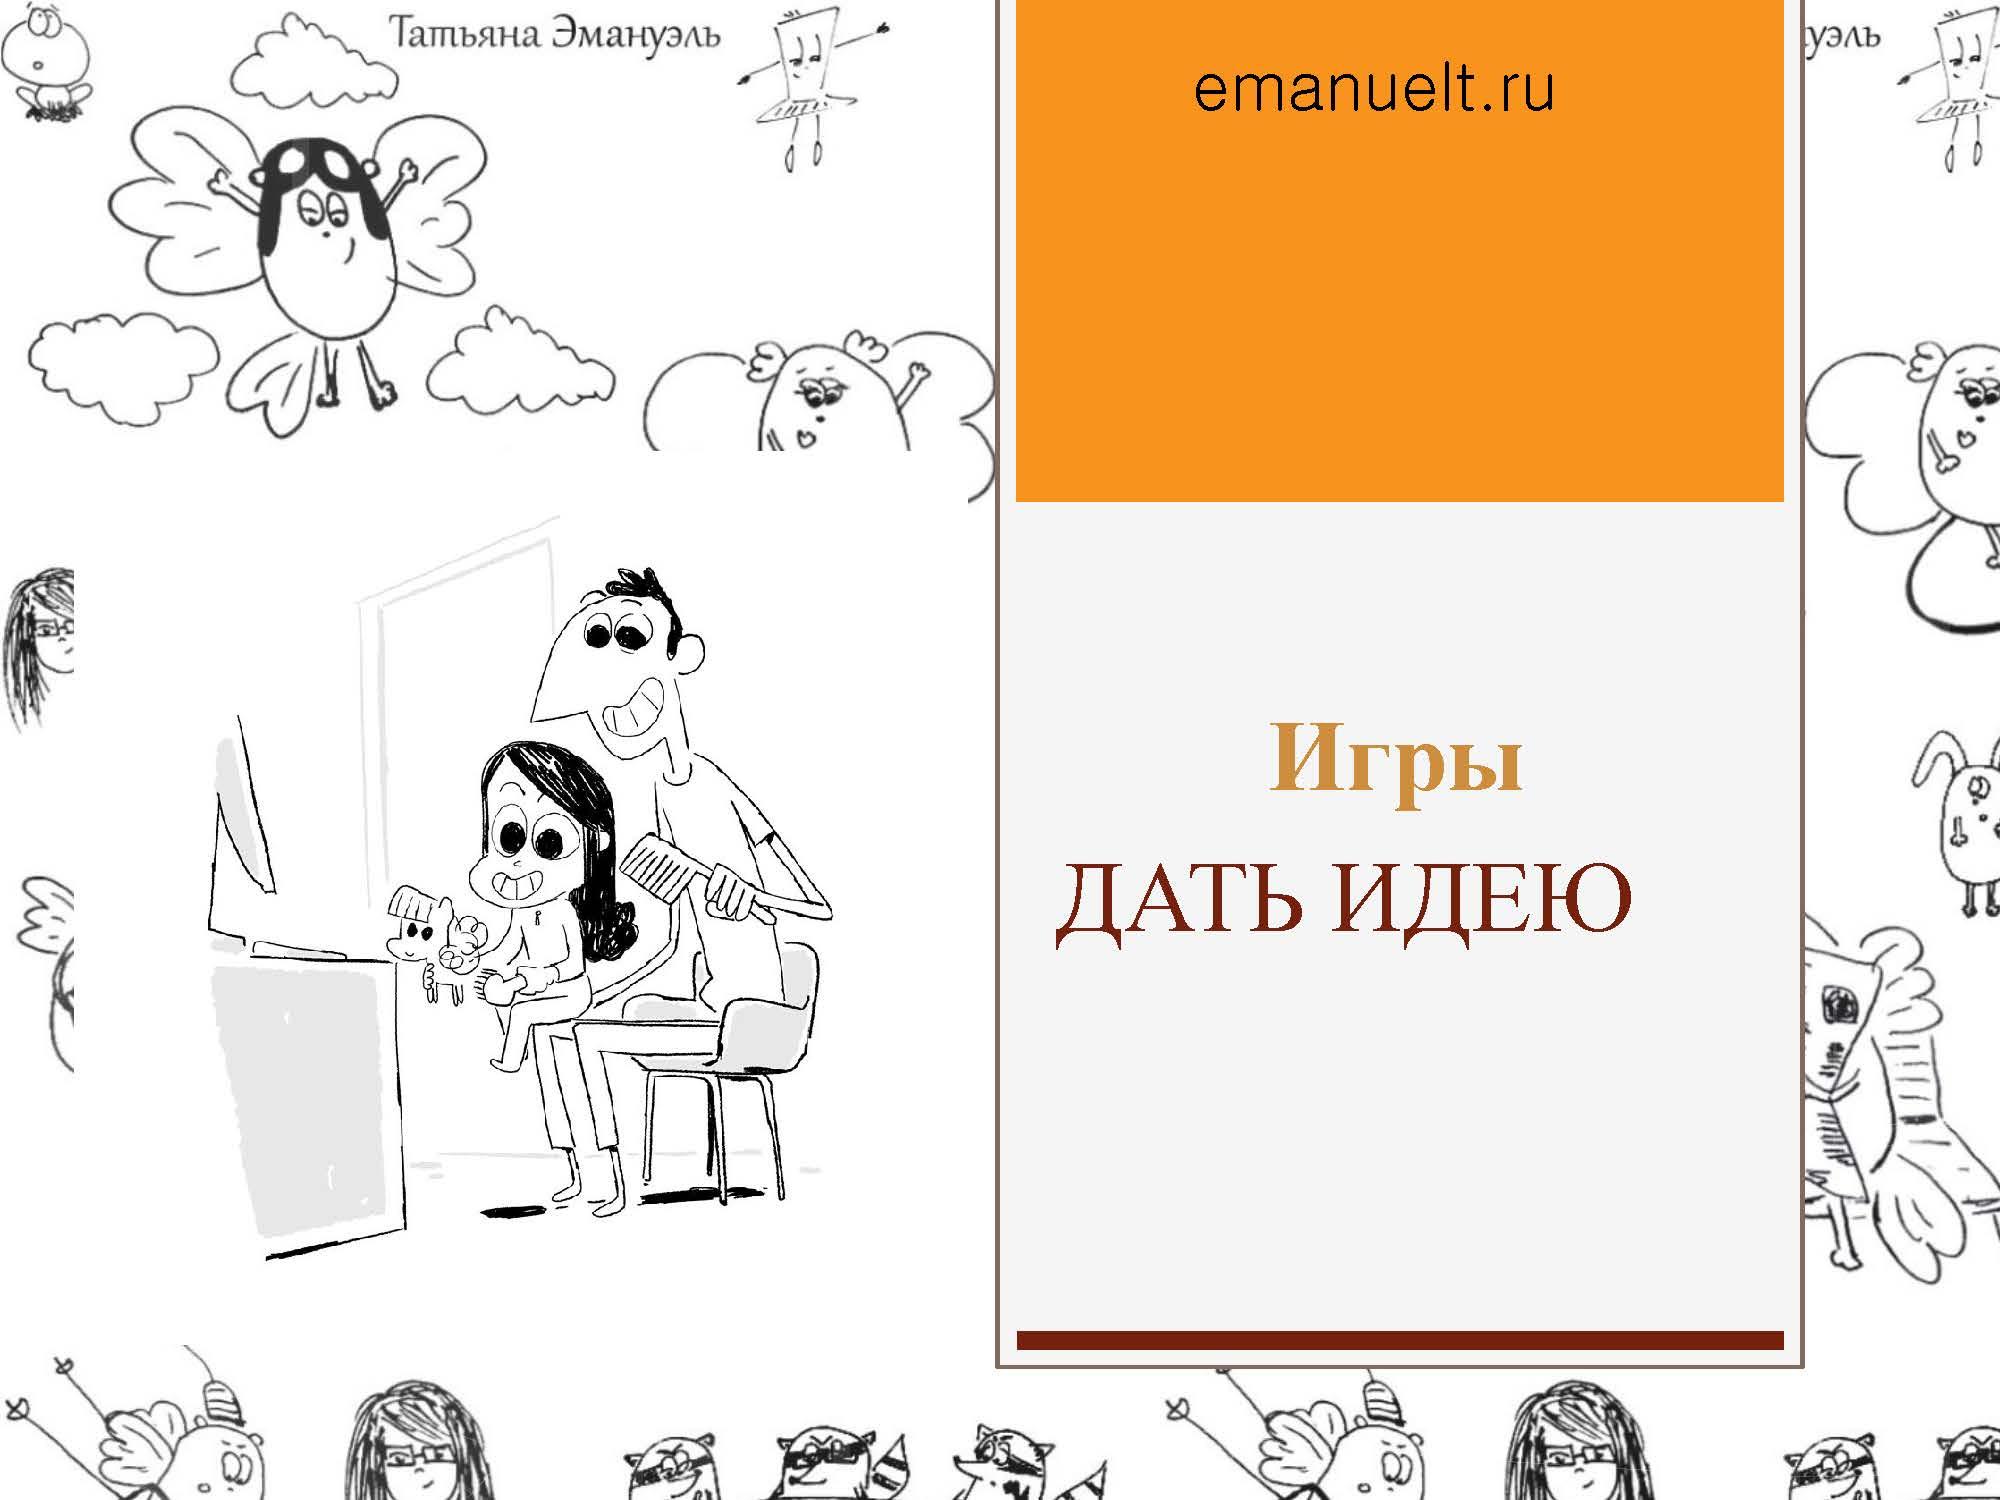 секция 8. Эмануэль Т.С., Московский район_Страница_27